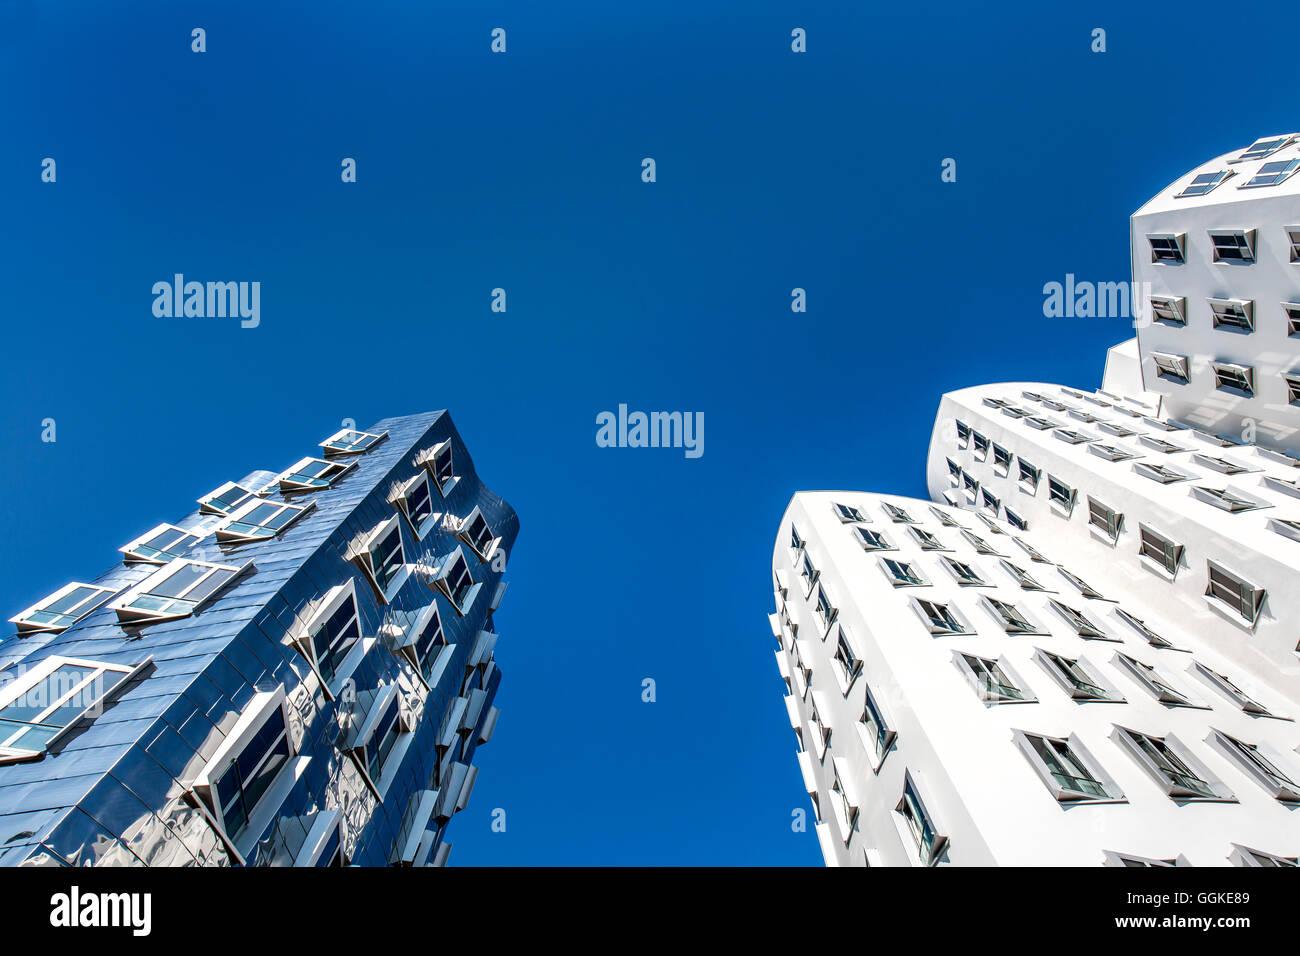 Frank Gehry-Bauten, Neuer Zollhof, Medien-Hafen, Düsseldorf, Nord Rhein Westfalen, Deutschland Stockbild